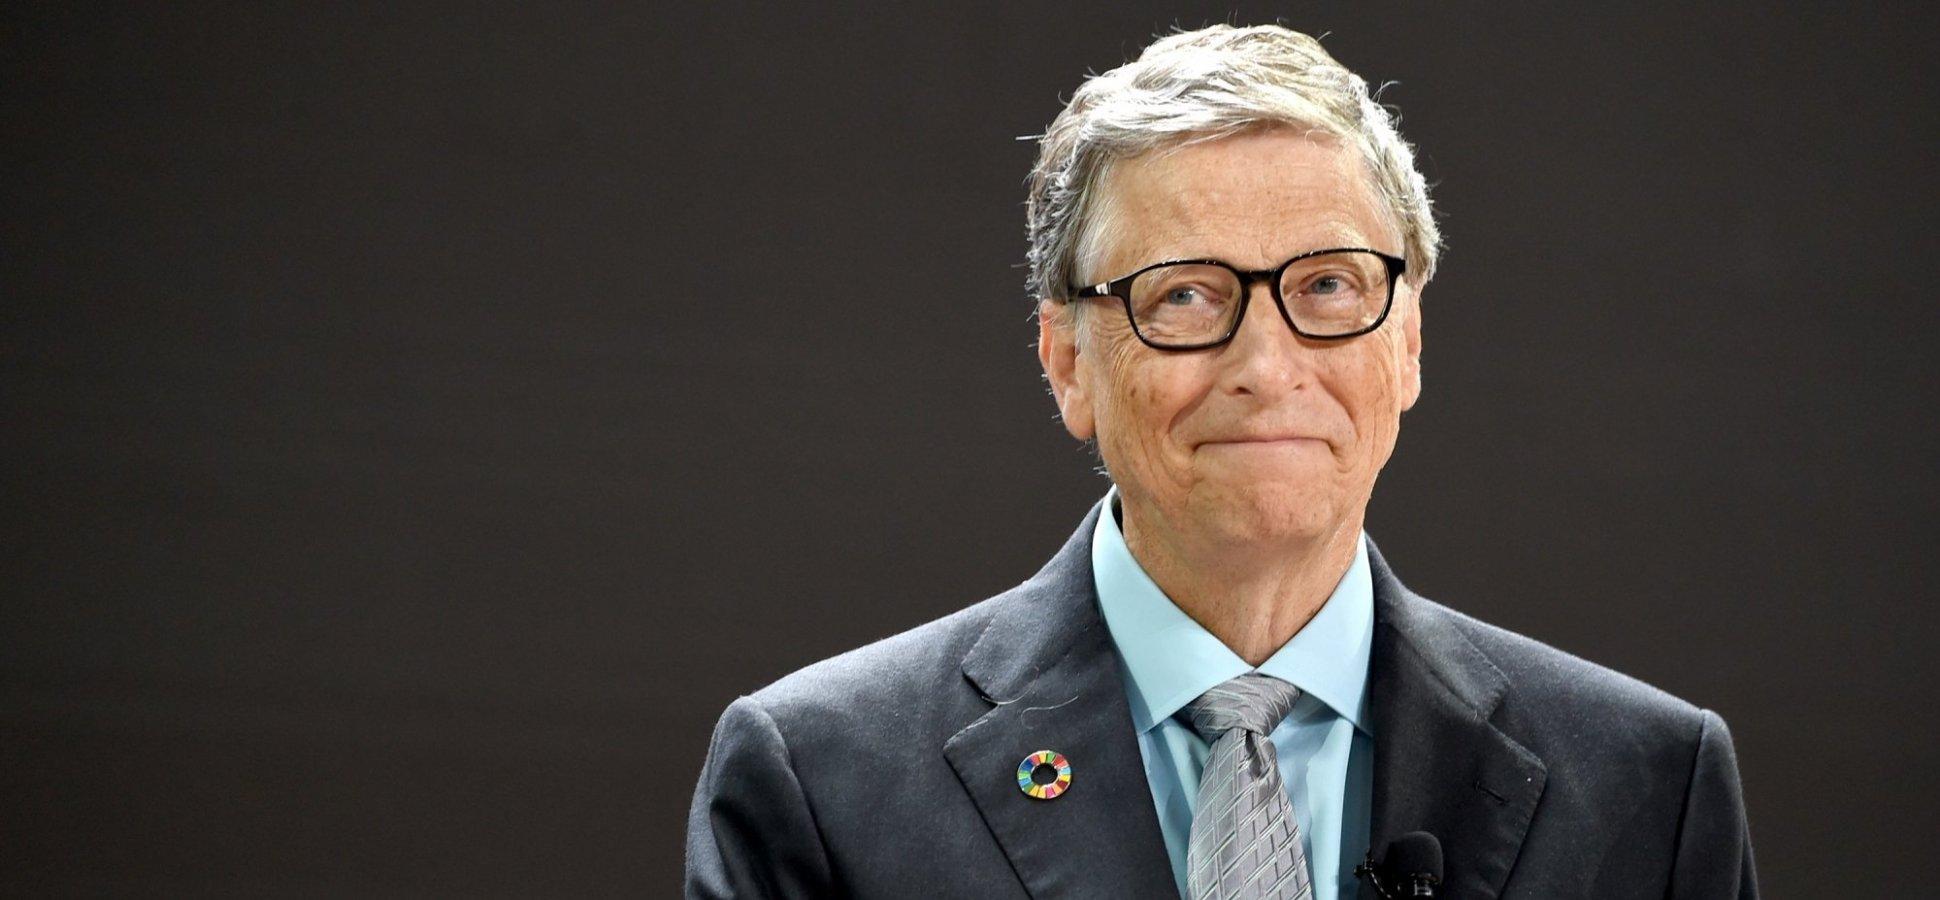 Bill Gates A Reddit Secret Santa Sends